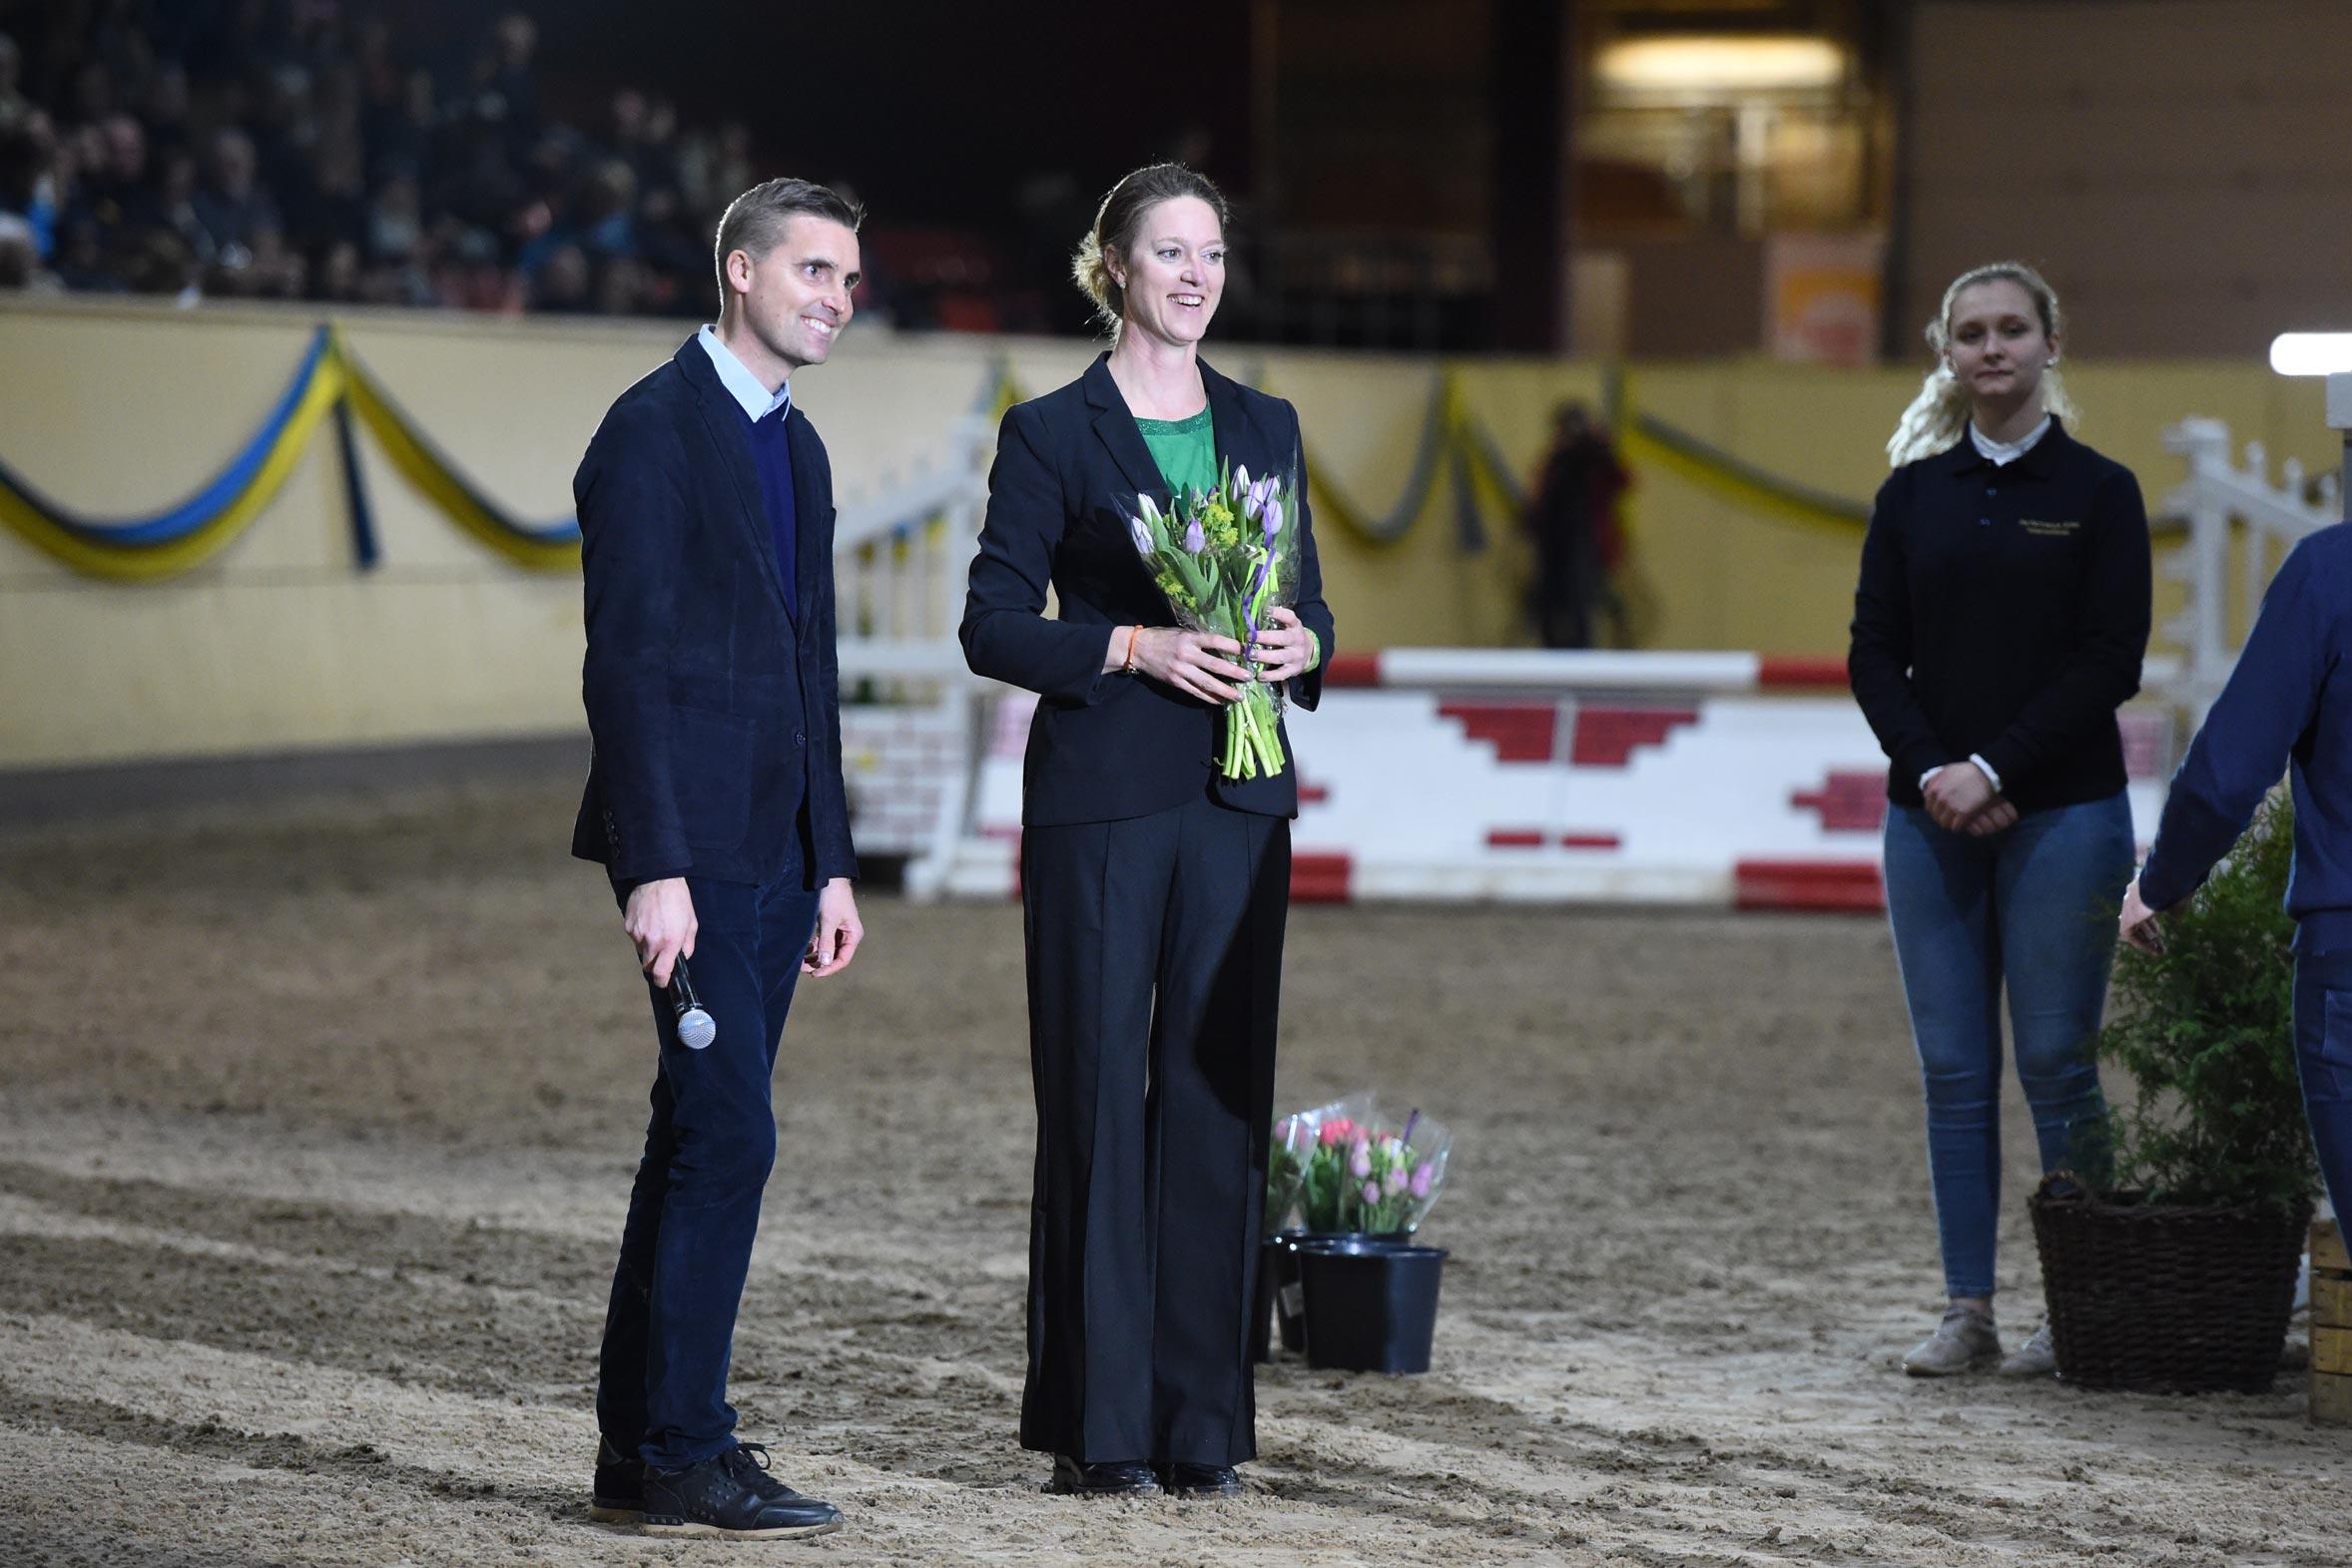 Andreas Helgstrand och Helena Torstensson PS Flyinge & Partners/Helgstrand Dressage hingstvisning, Flyinge 2019-03-31 Foto: Yvonne Karlsson